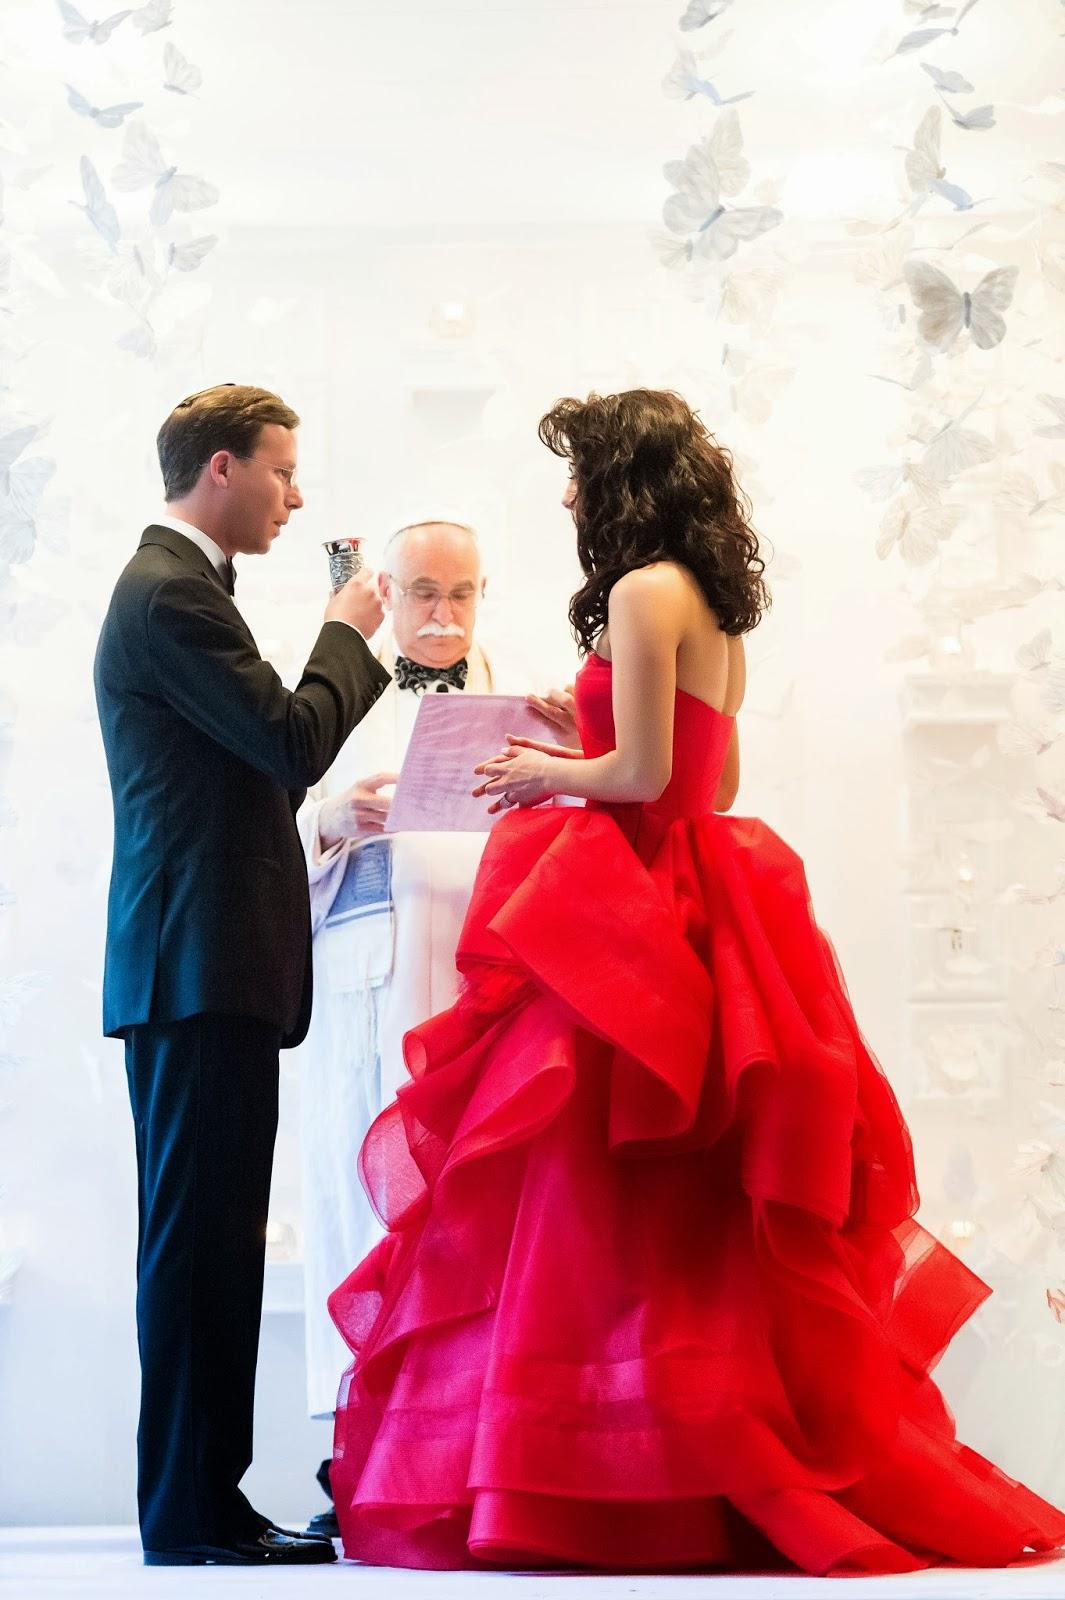 Bridal Bubbly Red Hot Romance At The Four Seasons Morgan Jonathan